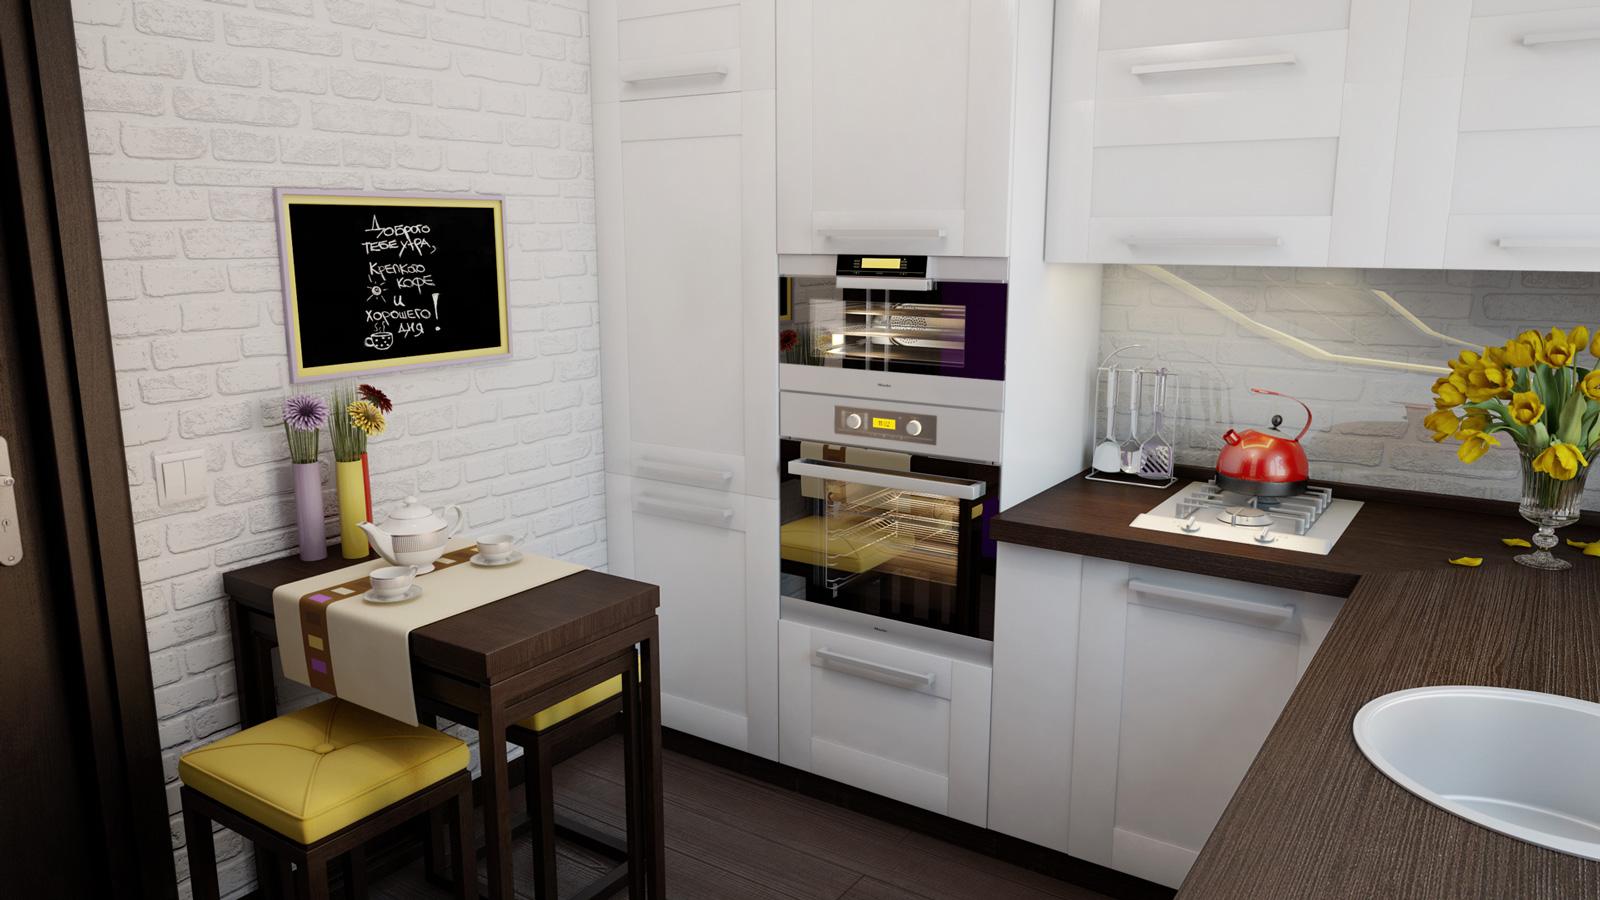 Как увеличить маленькую кухню? дизайнерские решения для мале.